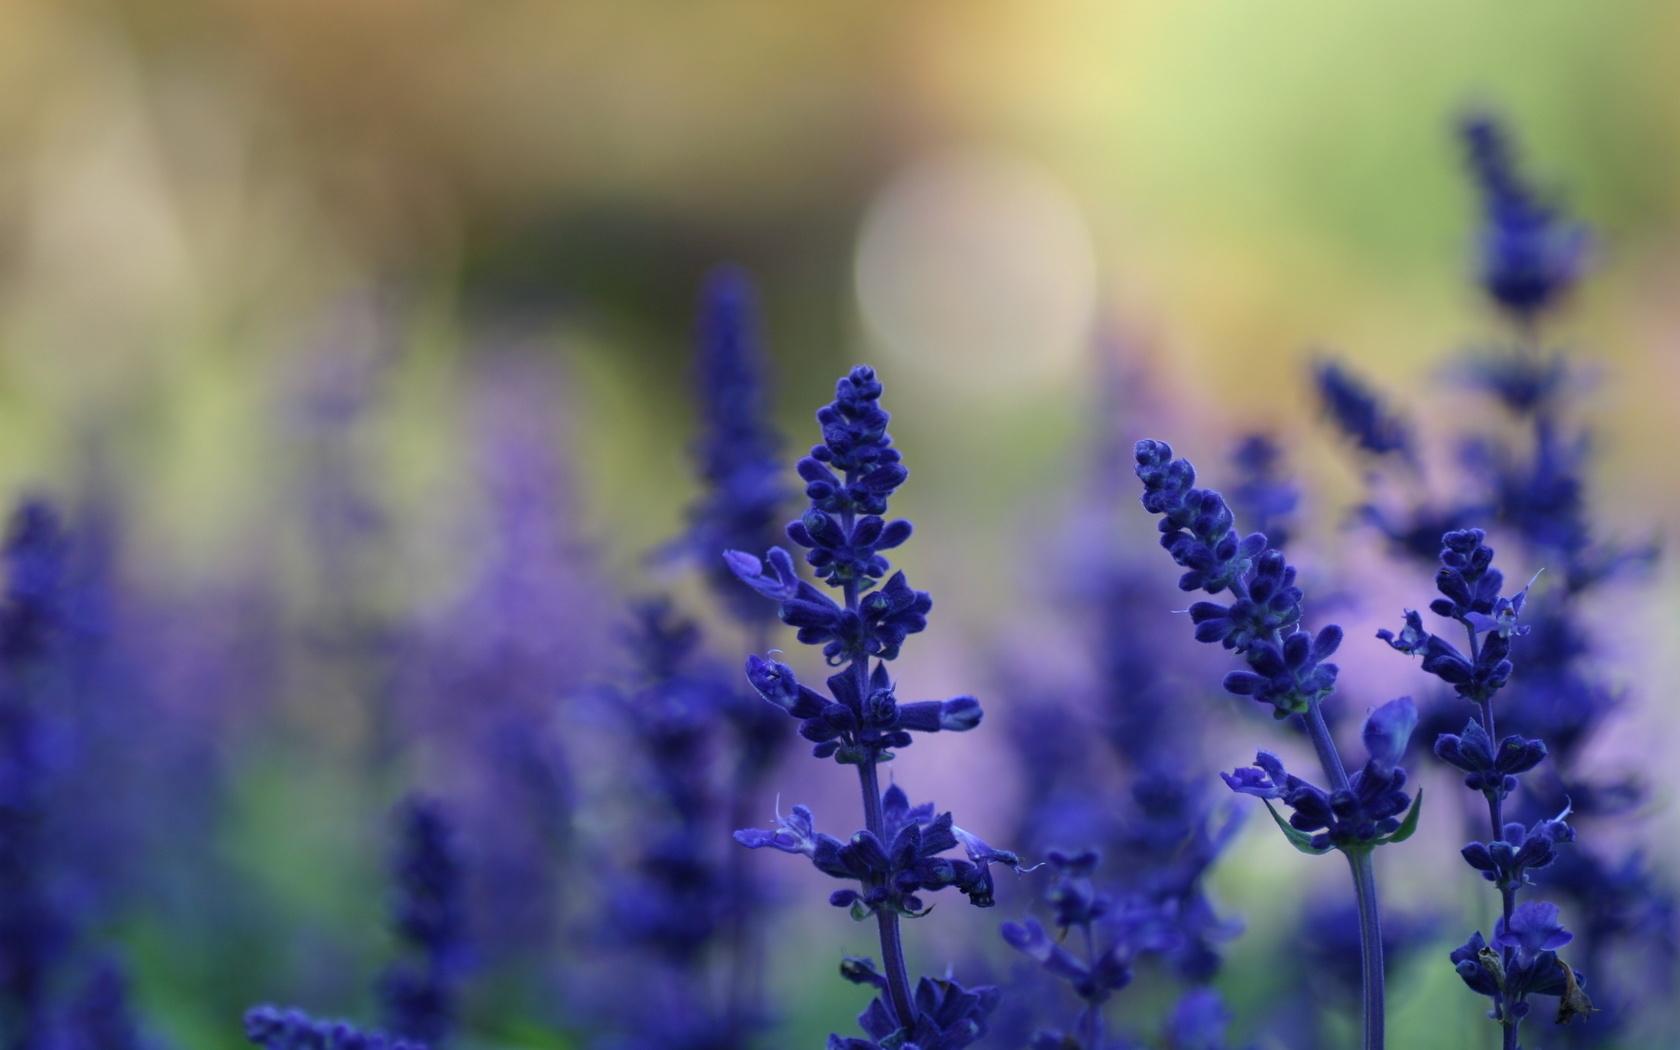 фон, лето, Цветы, растения, лаванда, поляна, синие